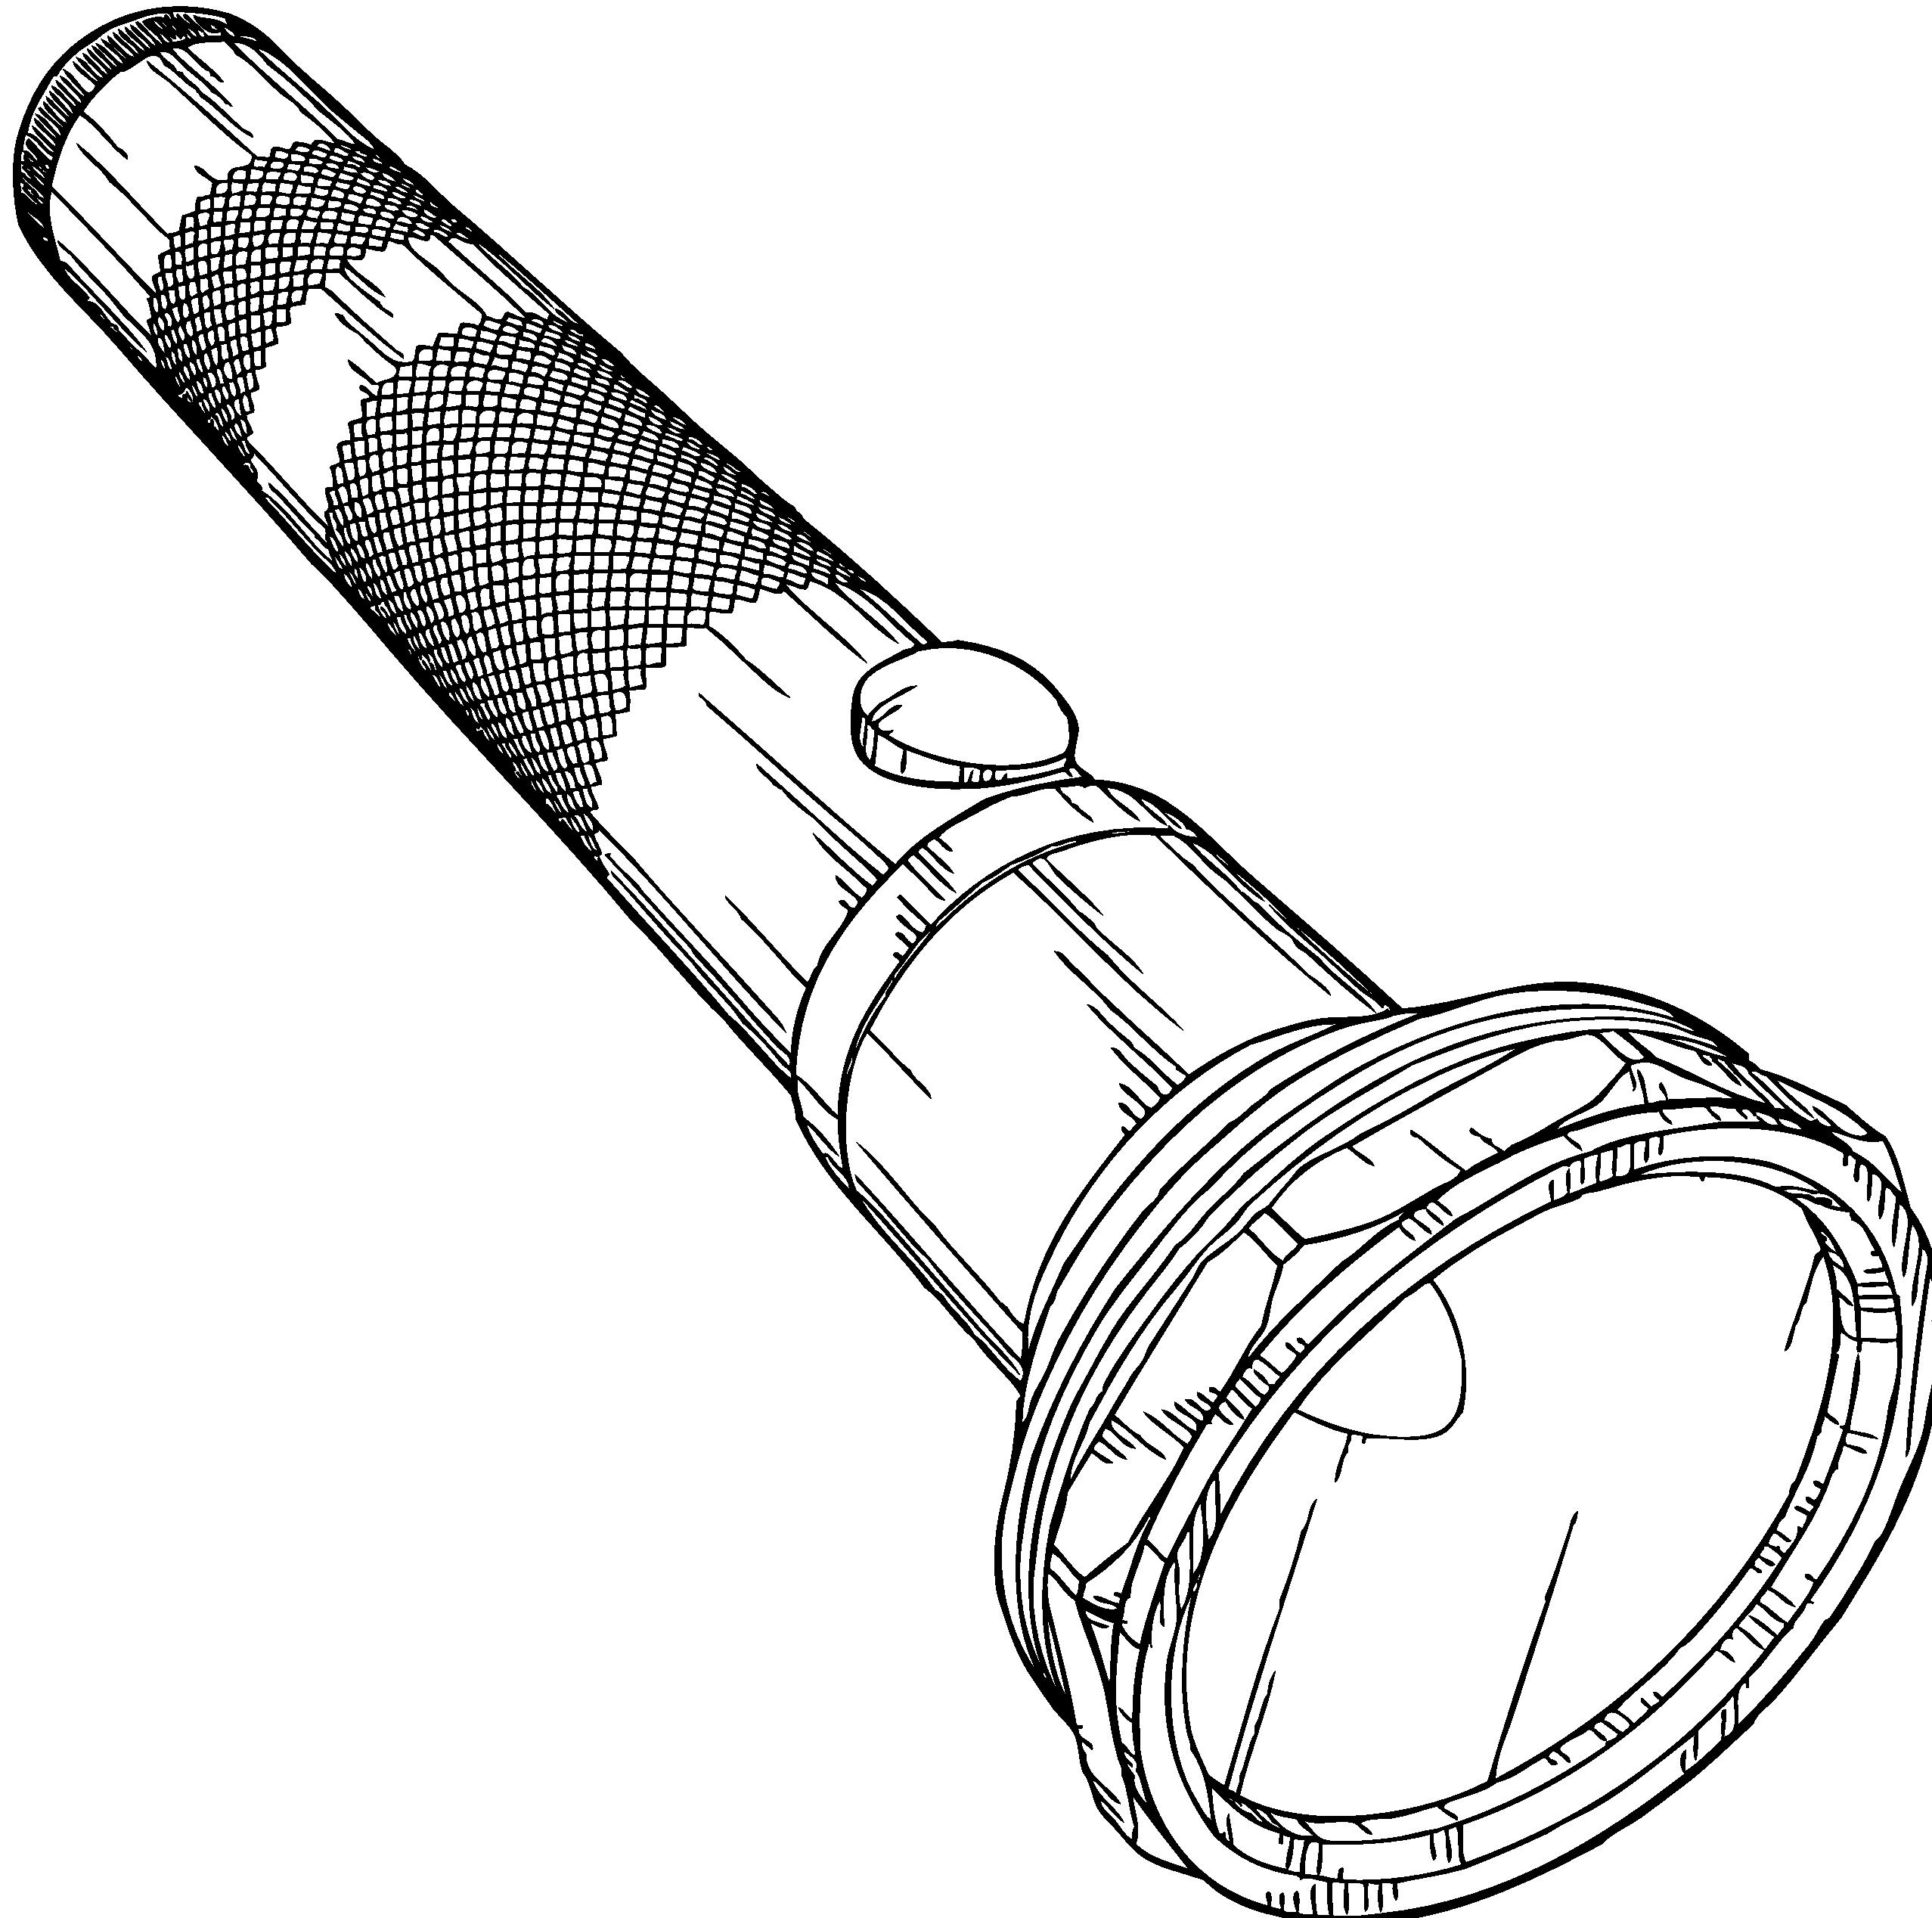 Flashlight clip art 2